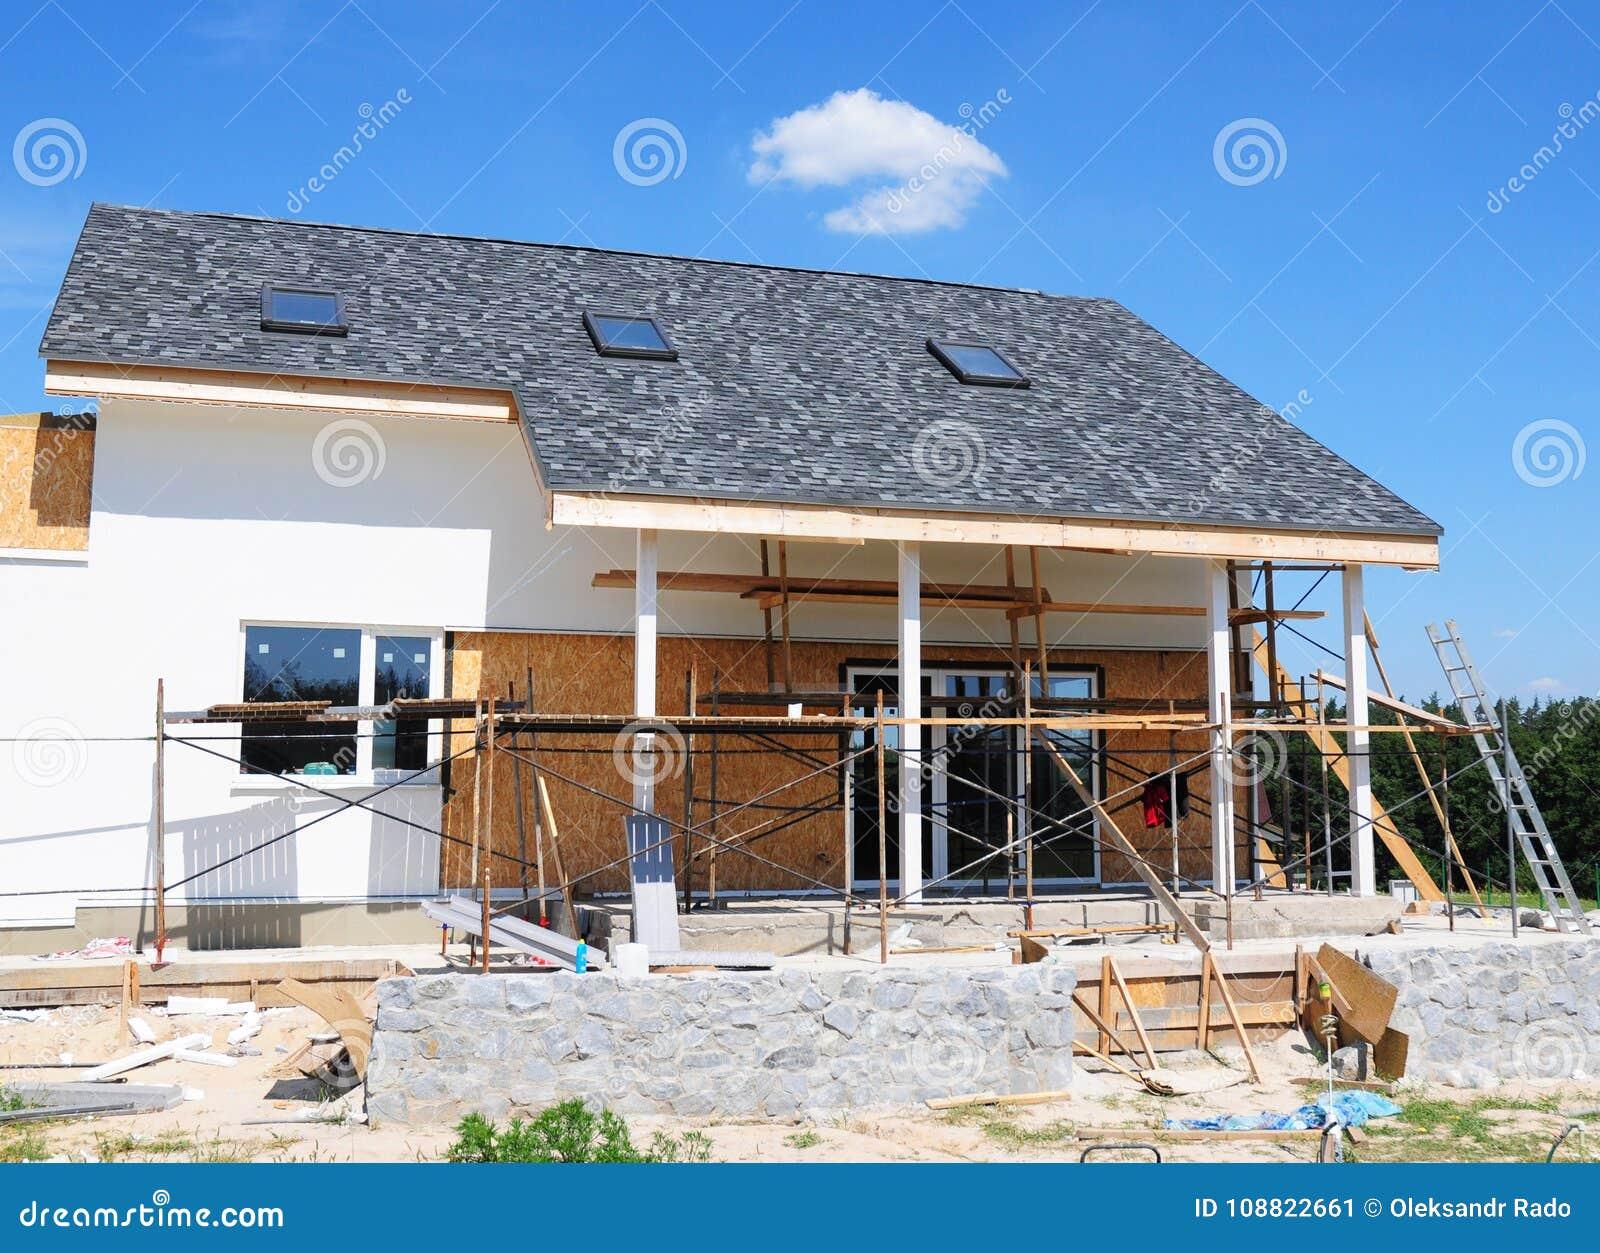 Unfertiges Haus Hauptumgestaltung und Erneuerung Malereihausmauer mit Stuck und dem Vergipsen Isolierungs-Hausmauer